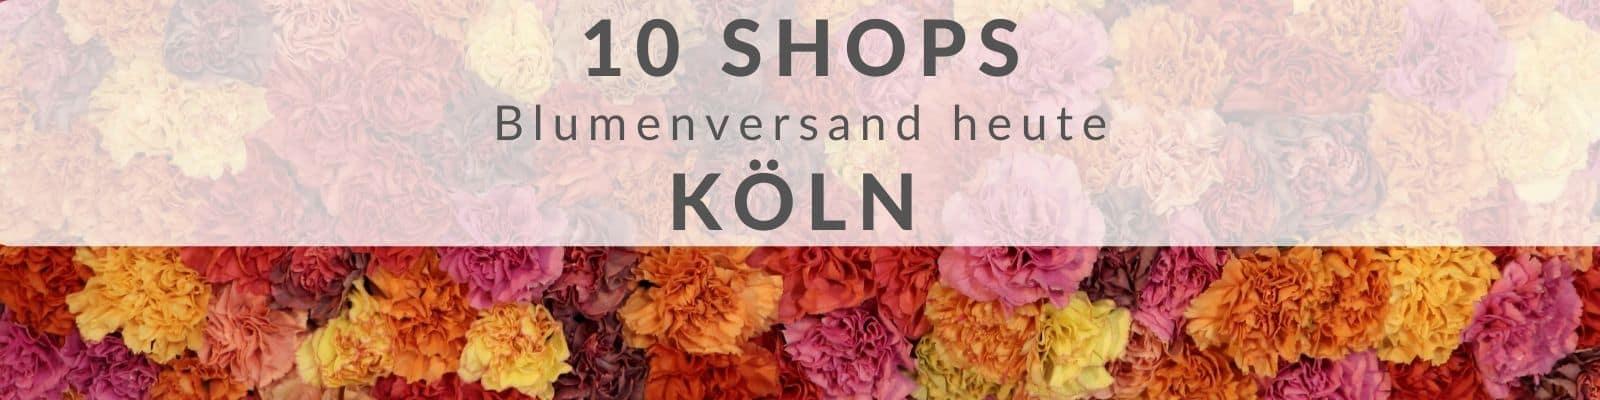 Blumen verschicken Köln + Blumenversand